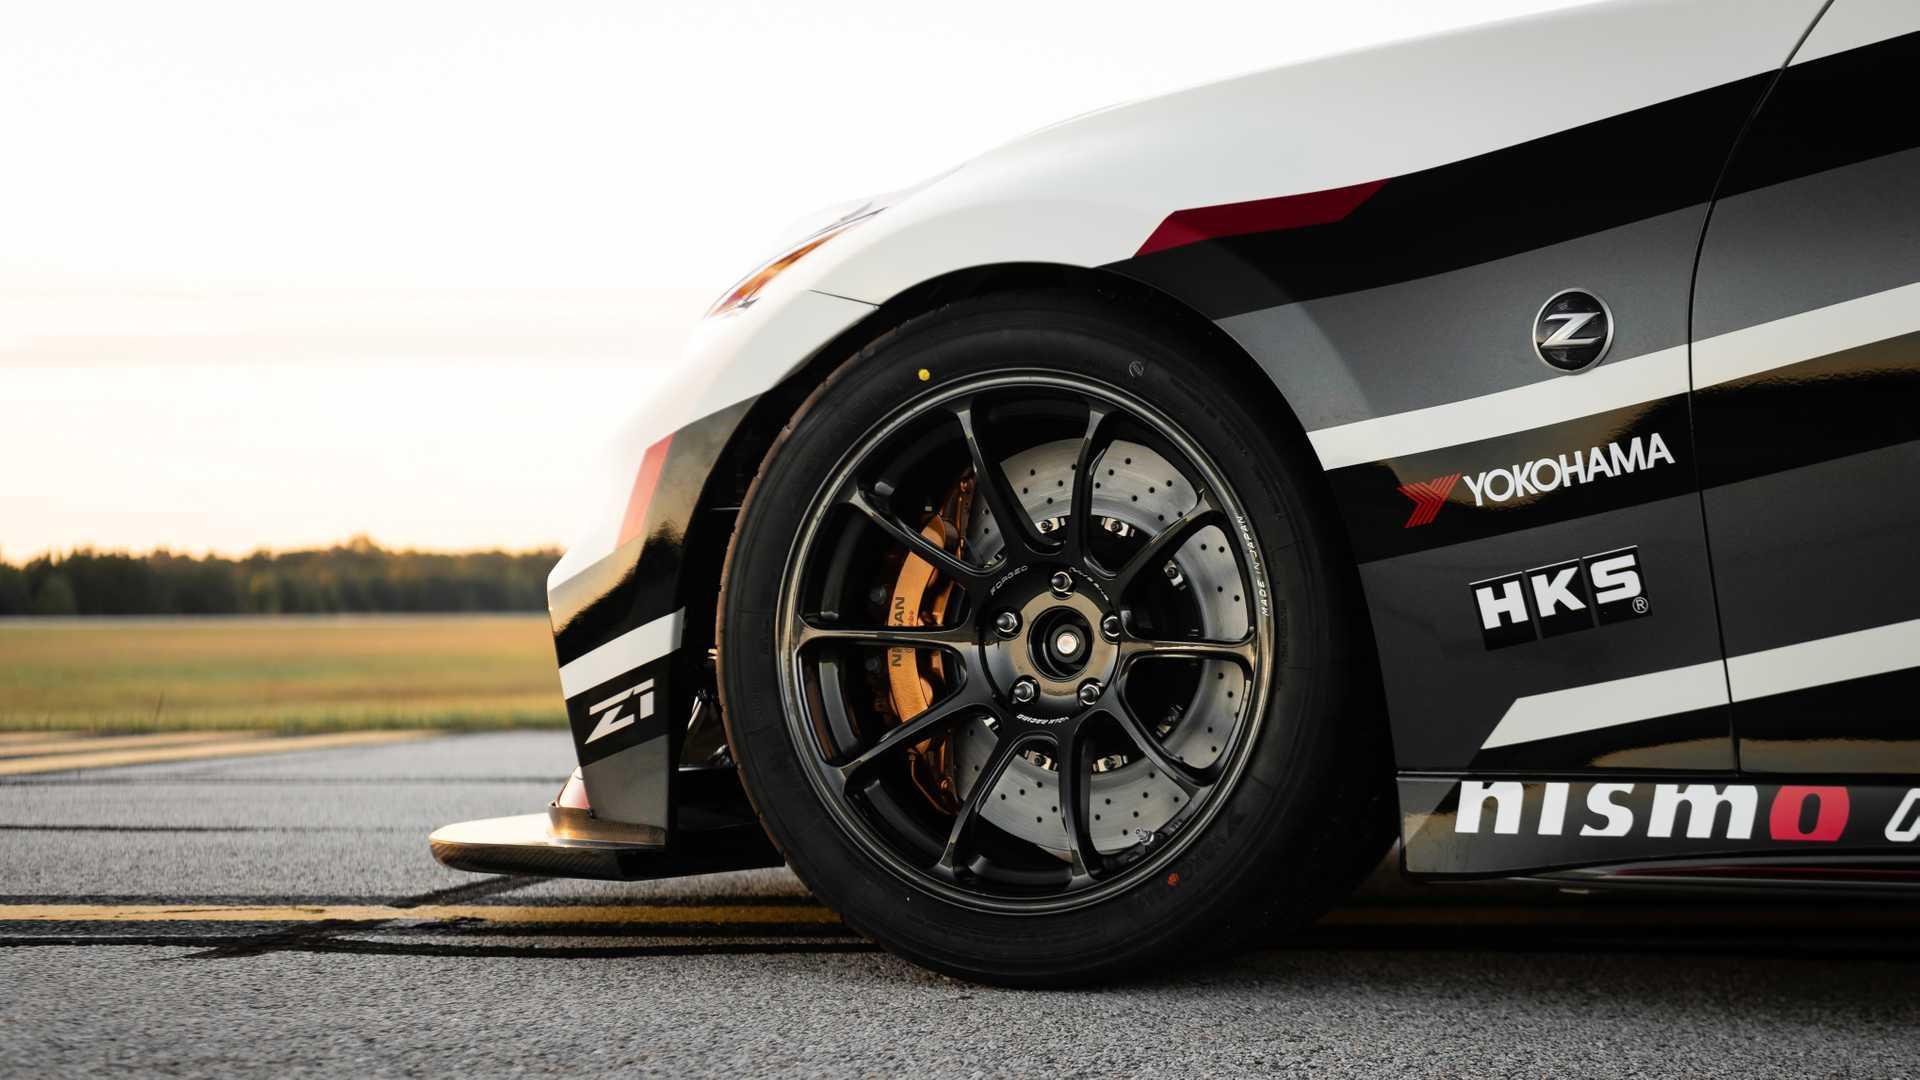 nissan-370z-by-z1-motorsports-une-bete-de-course-1147-5.jpg